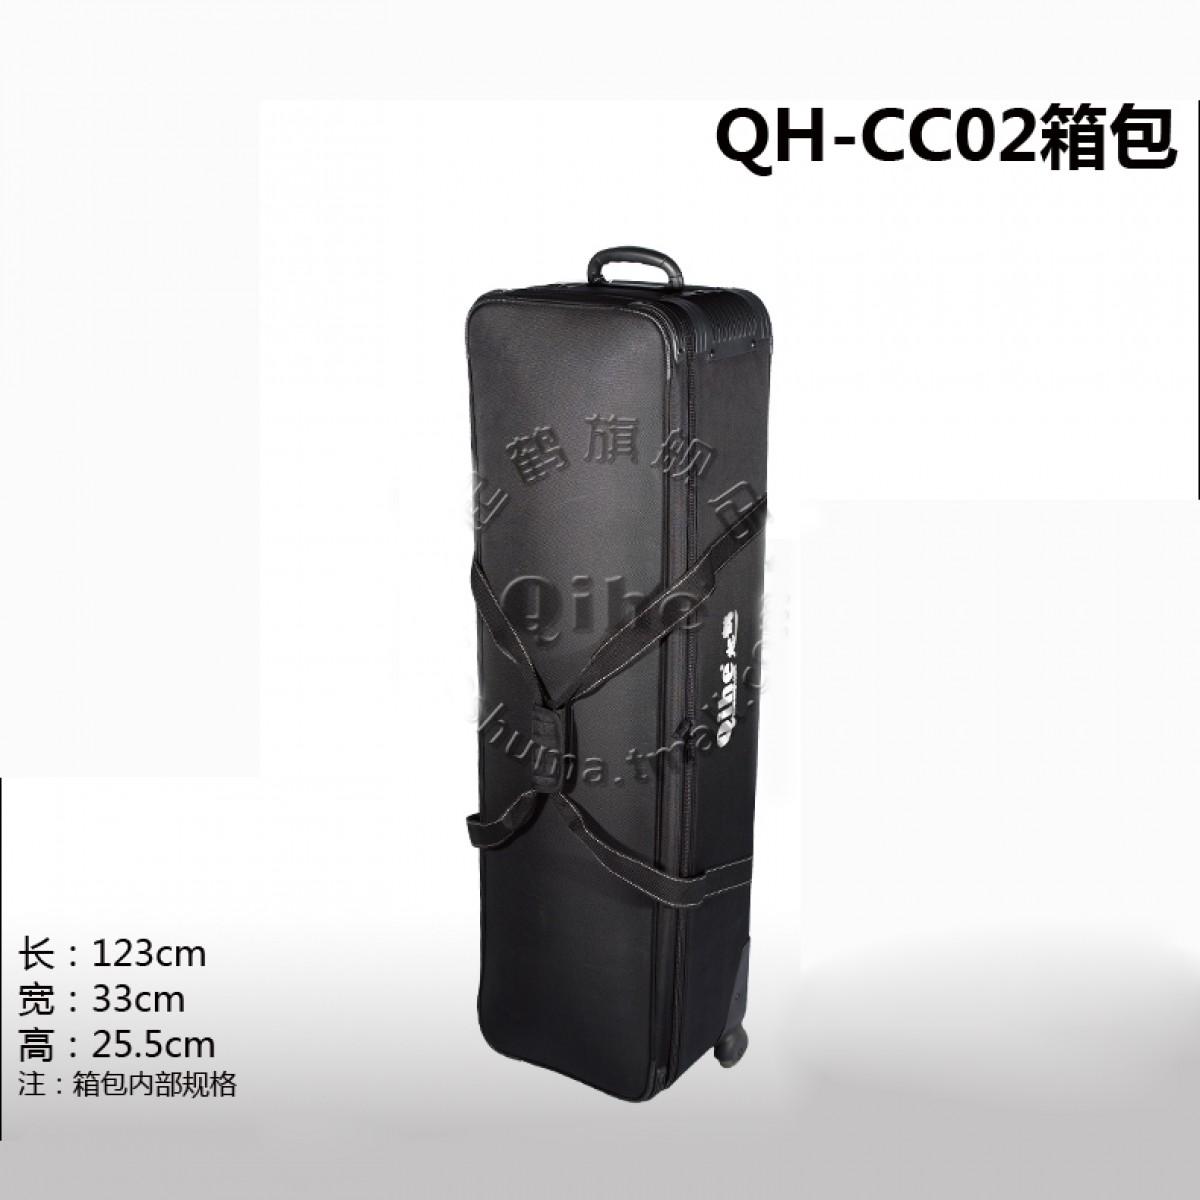 Qihe起鹤牌QH-CC02影楼箱包 器材箱